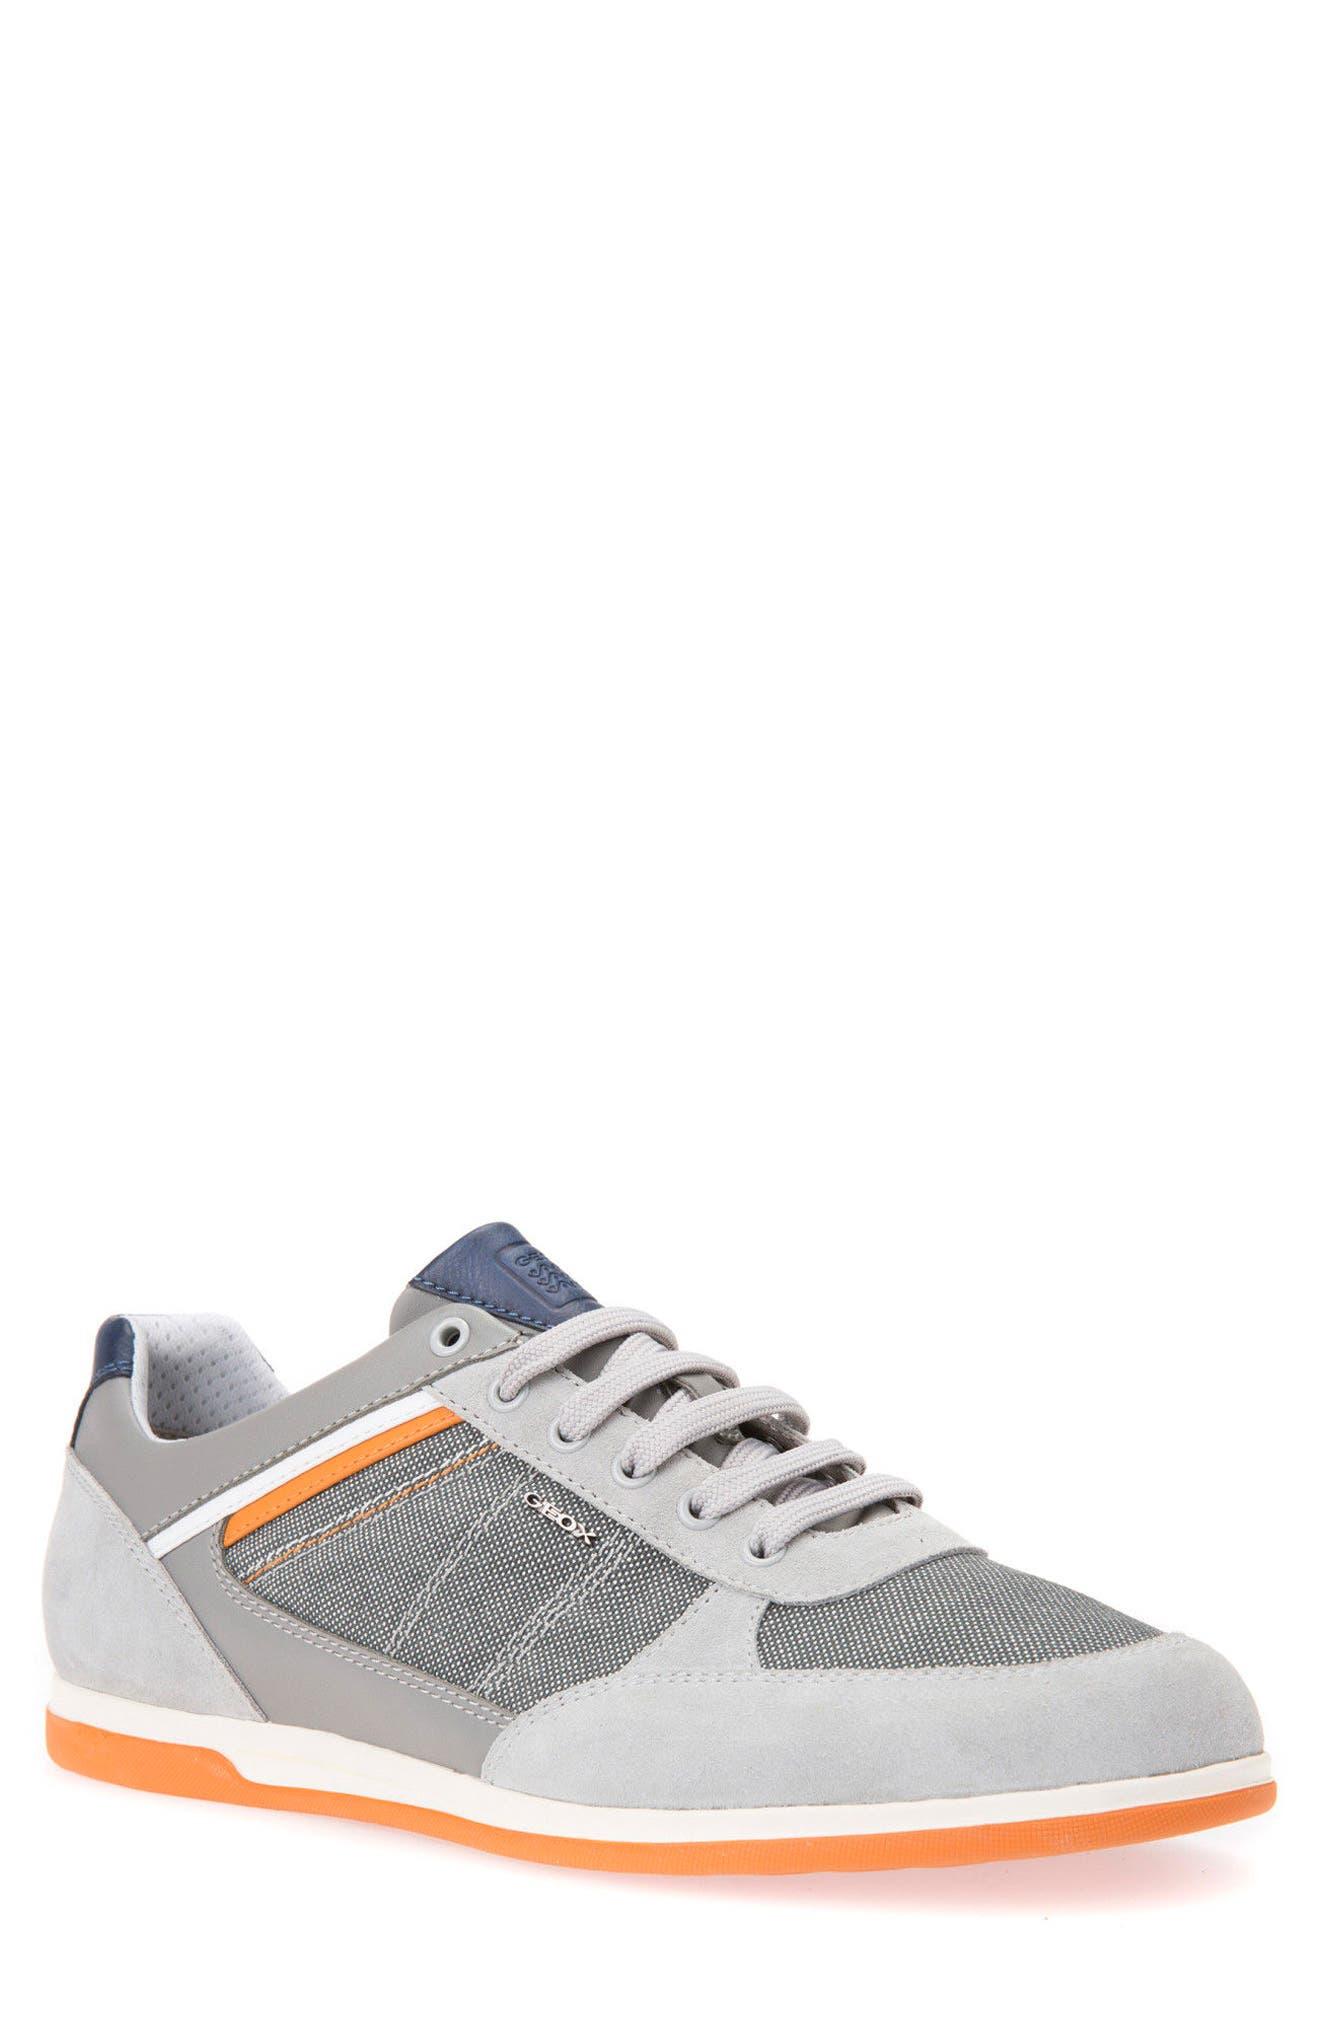 Renan 1 Low Top Sneaker,                             Main thumbnail 1, color,                             030